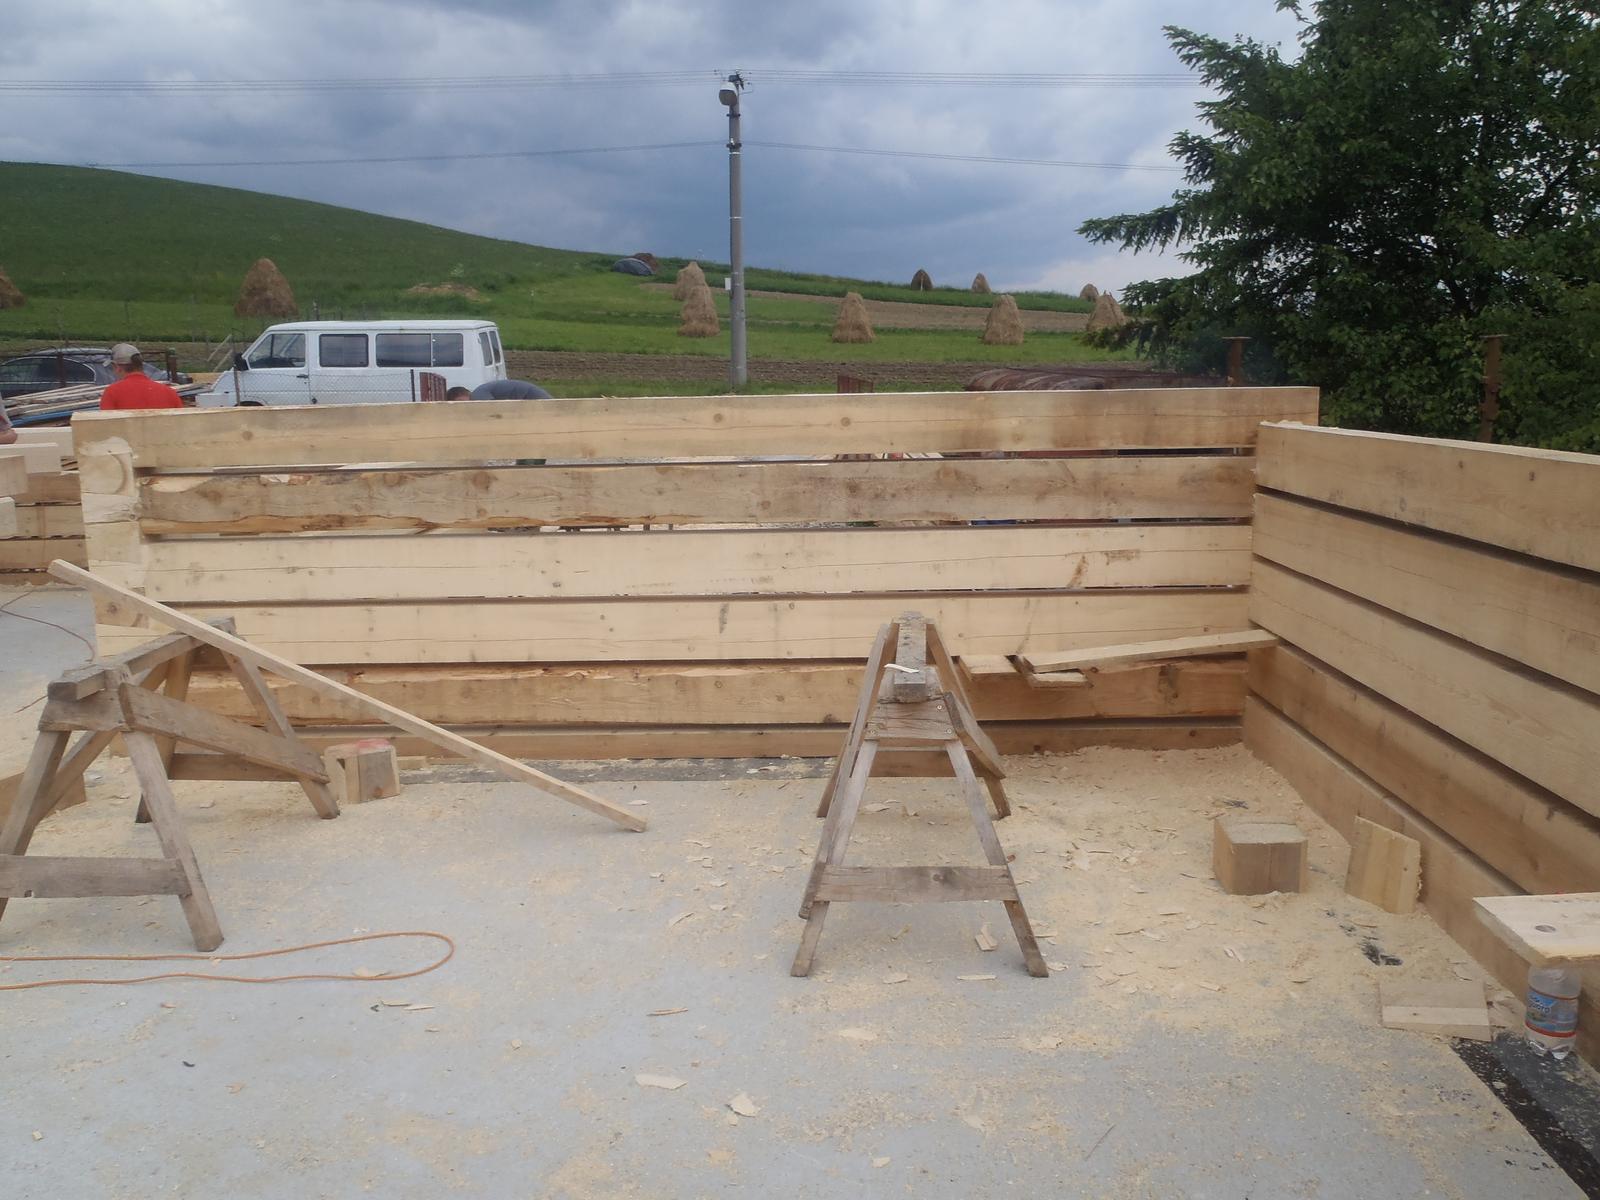 Náš veľký sen o drevenom domčeku! - Obrázok č. 67